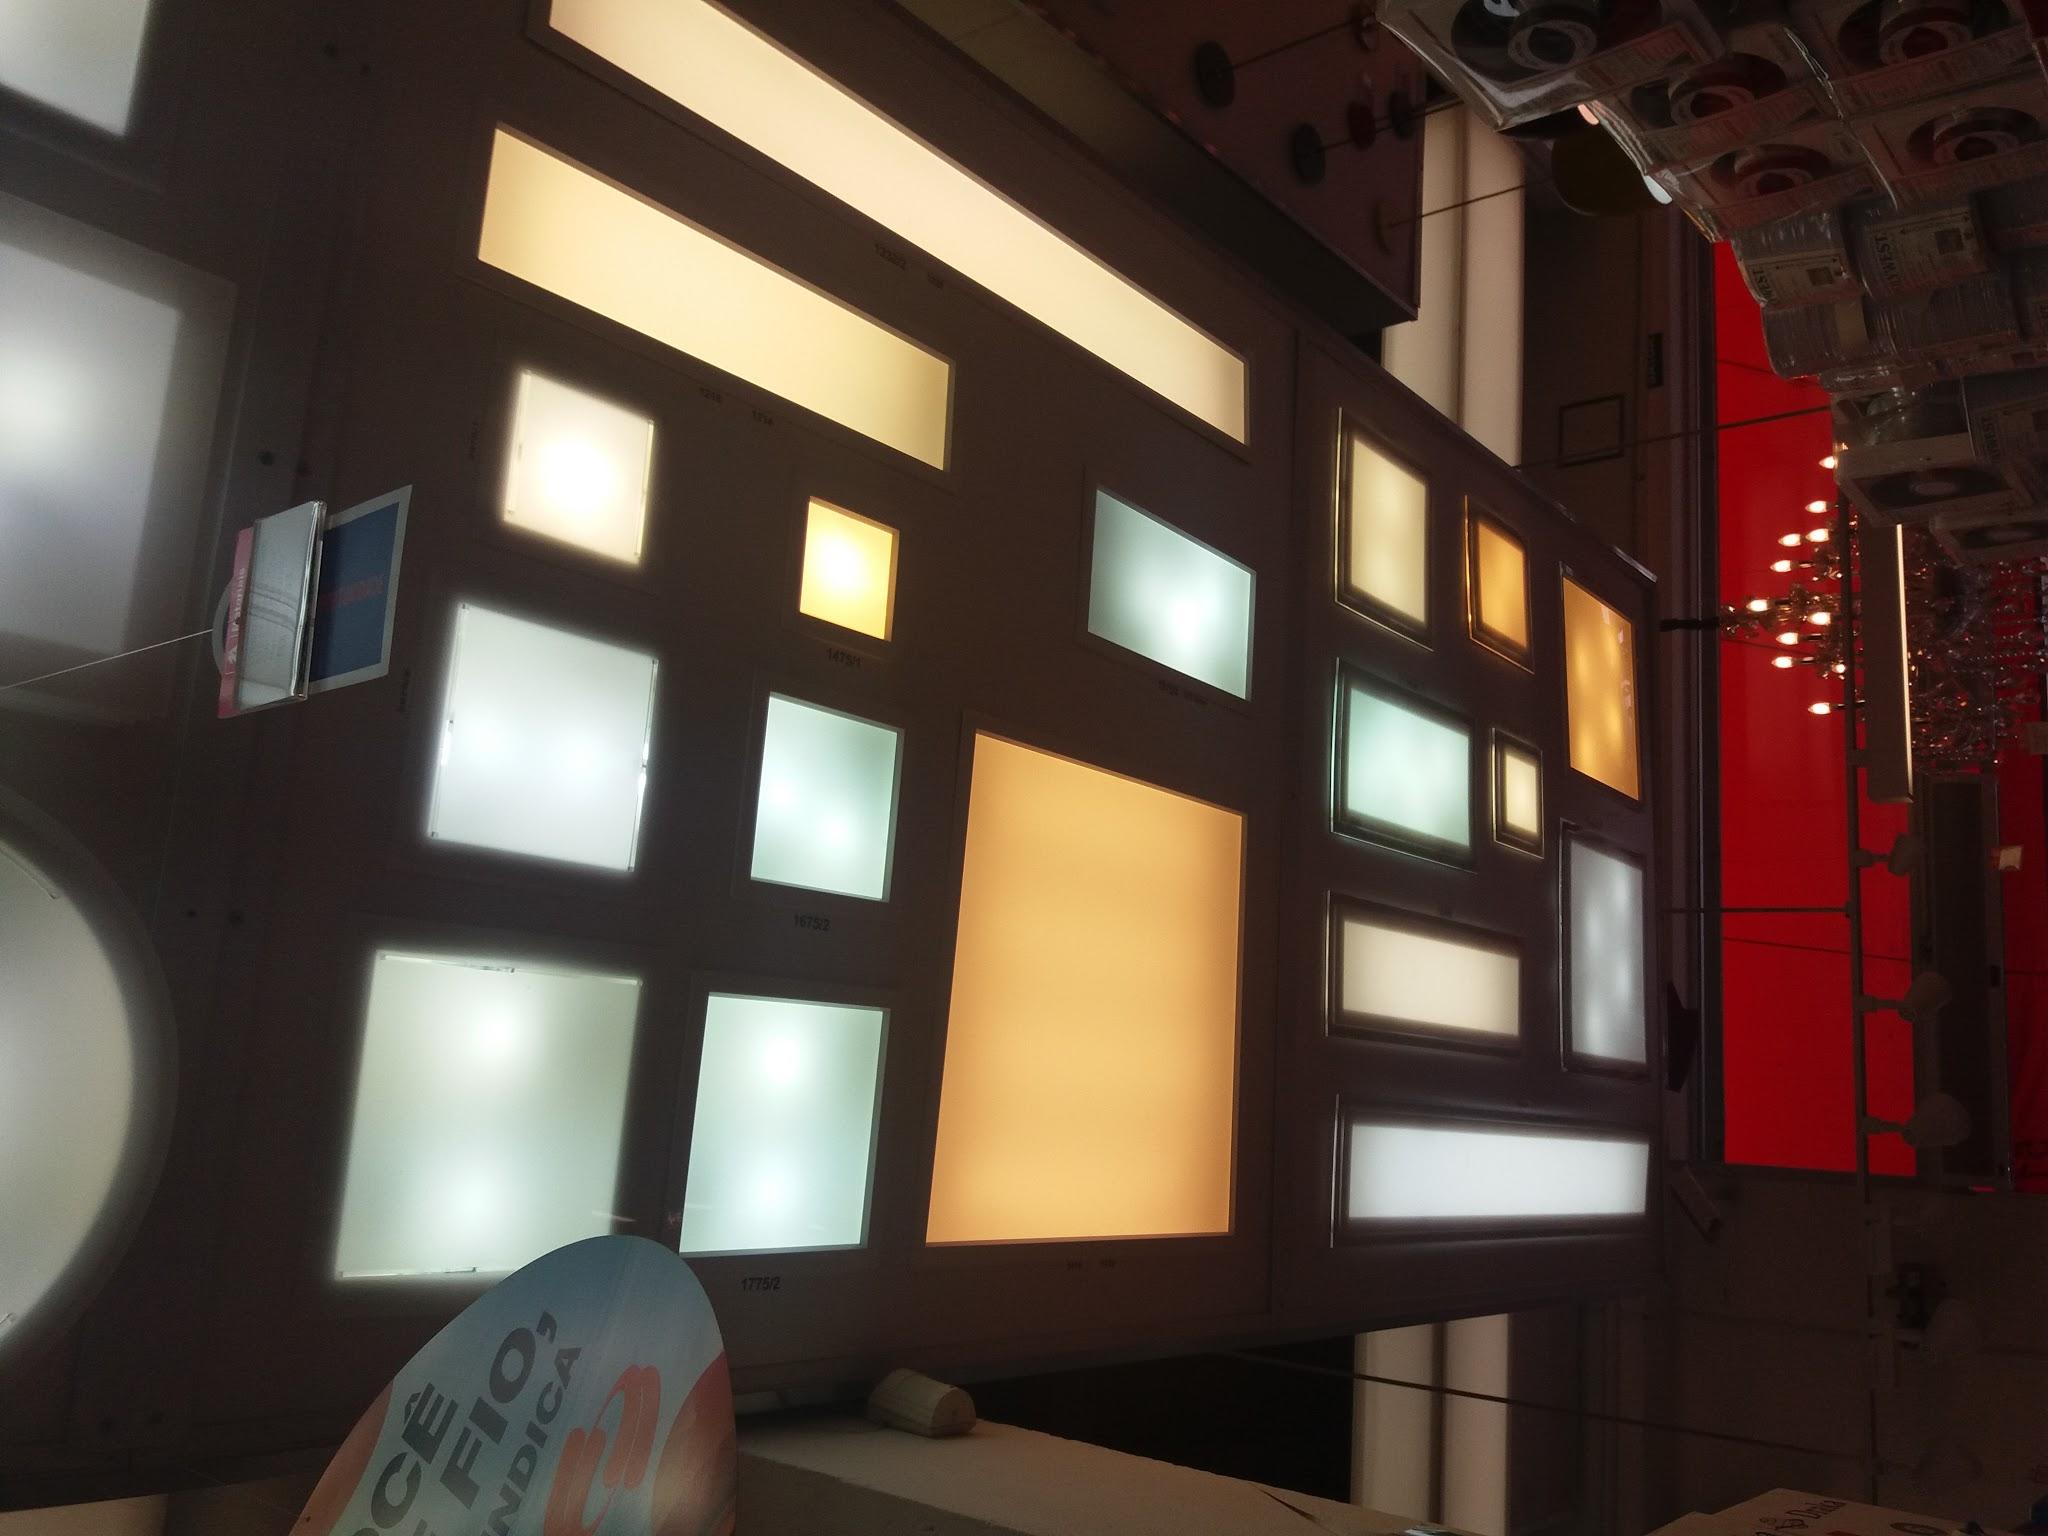 20161214_121259 Missão quem casa quer casa: a iluminação do apartamento.